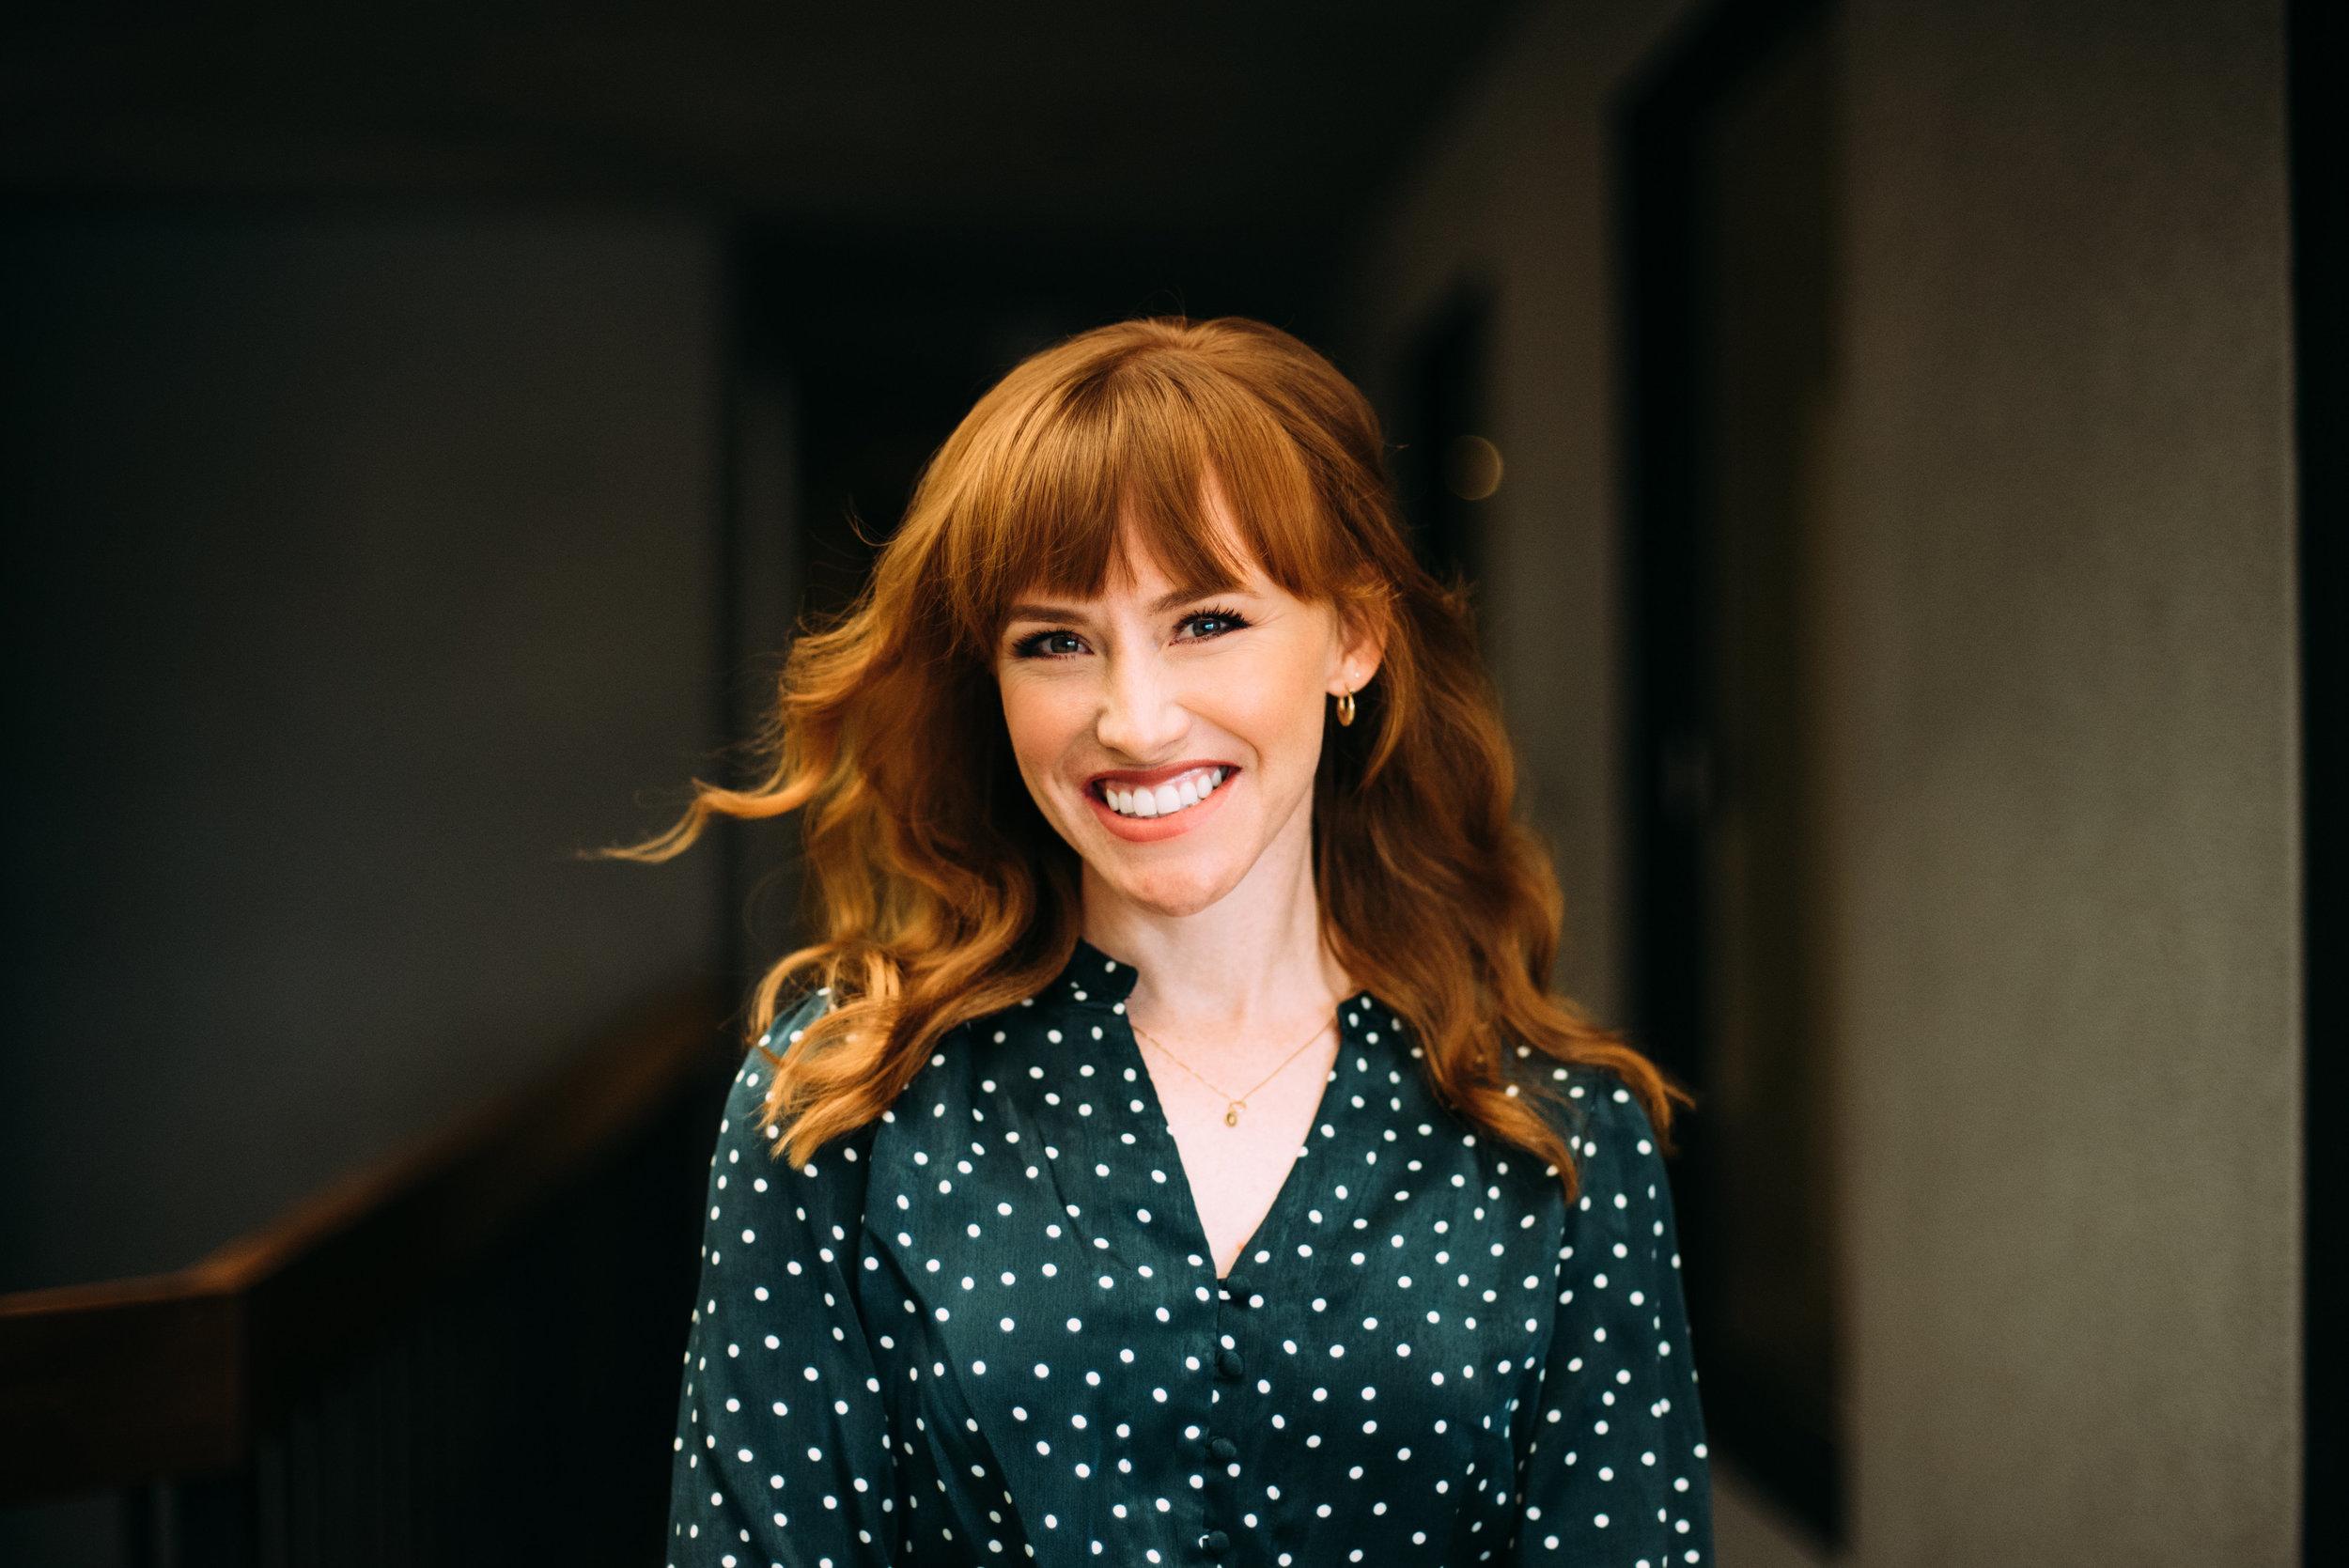 Danielle Dardis, Hair Professional